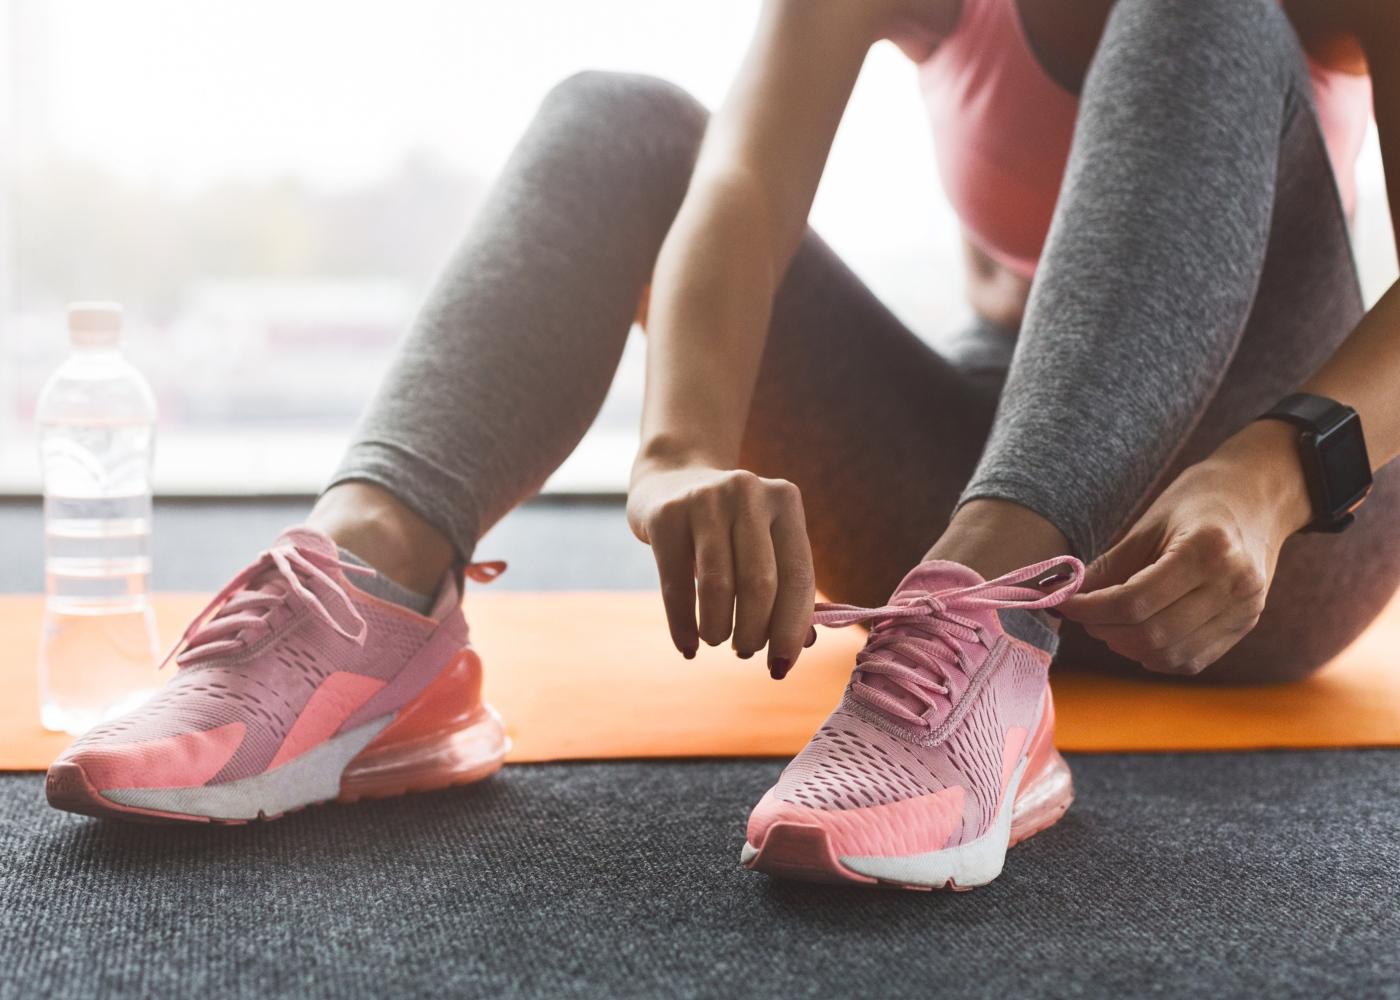 Gestão do stress e a importância do exercício físico: mulher a preparar-se para uma caminhada